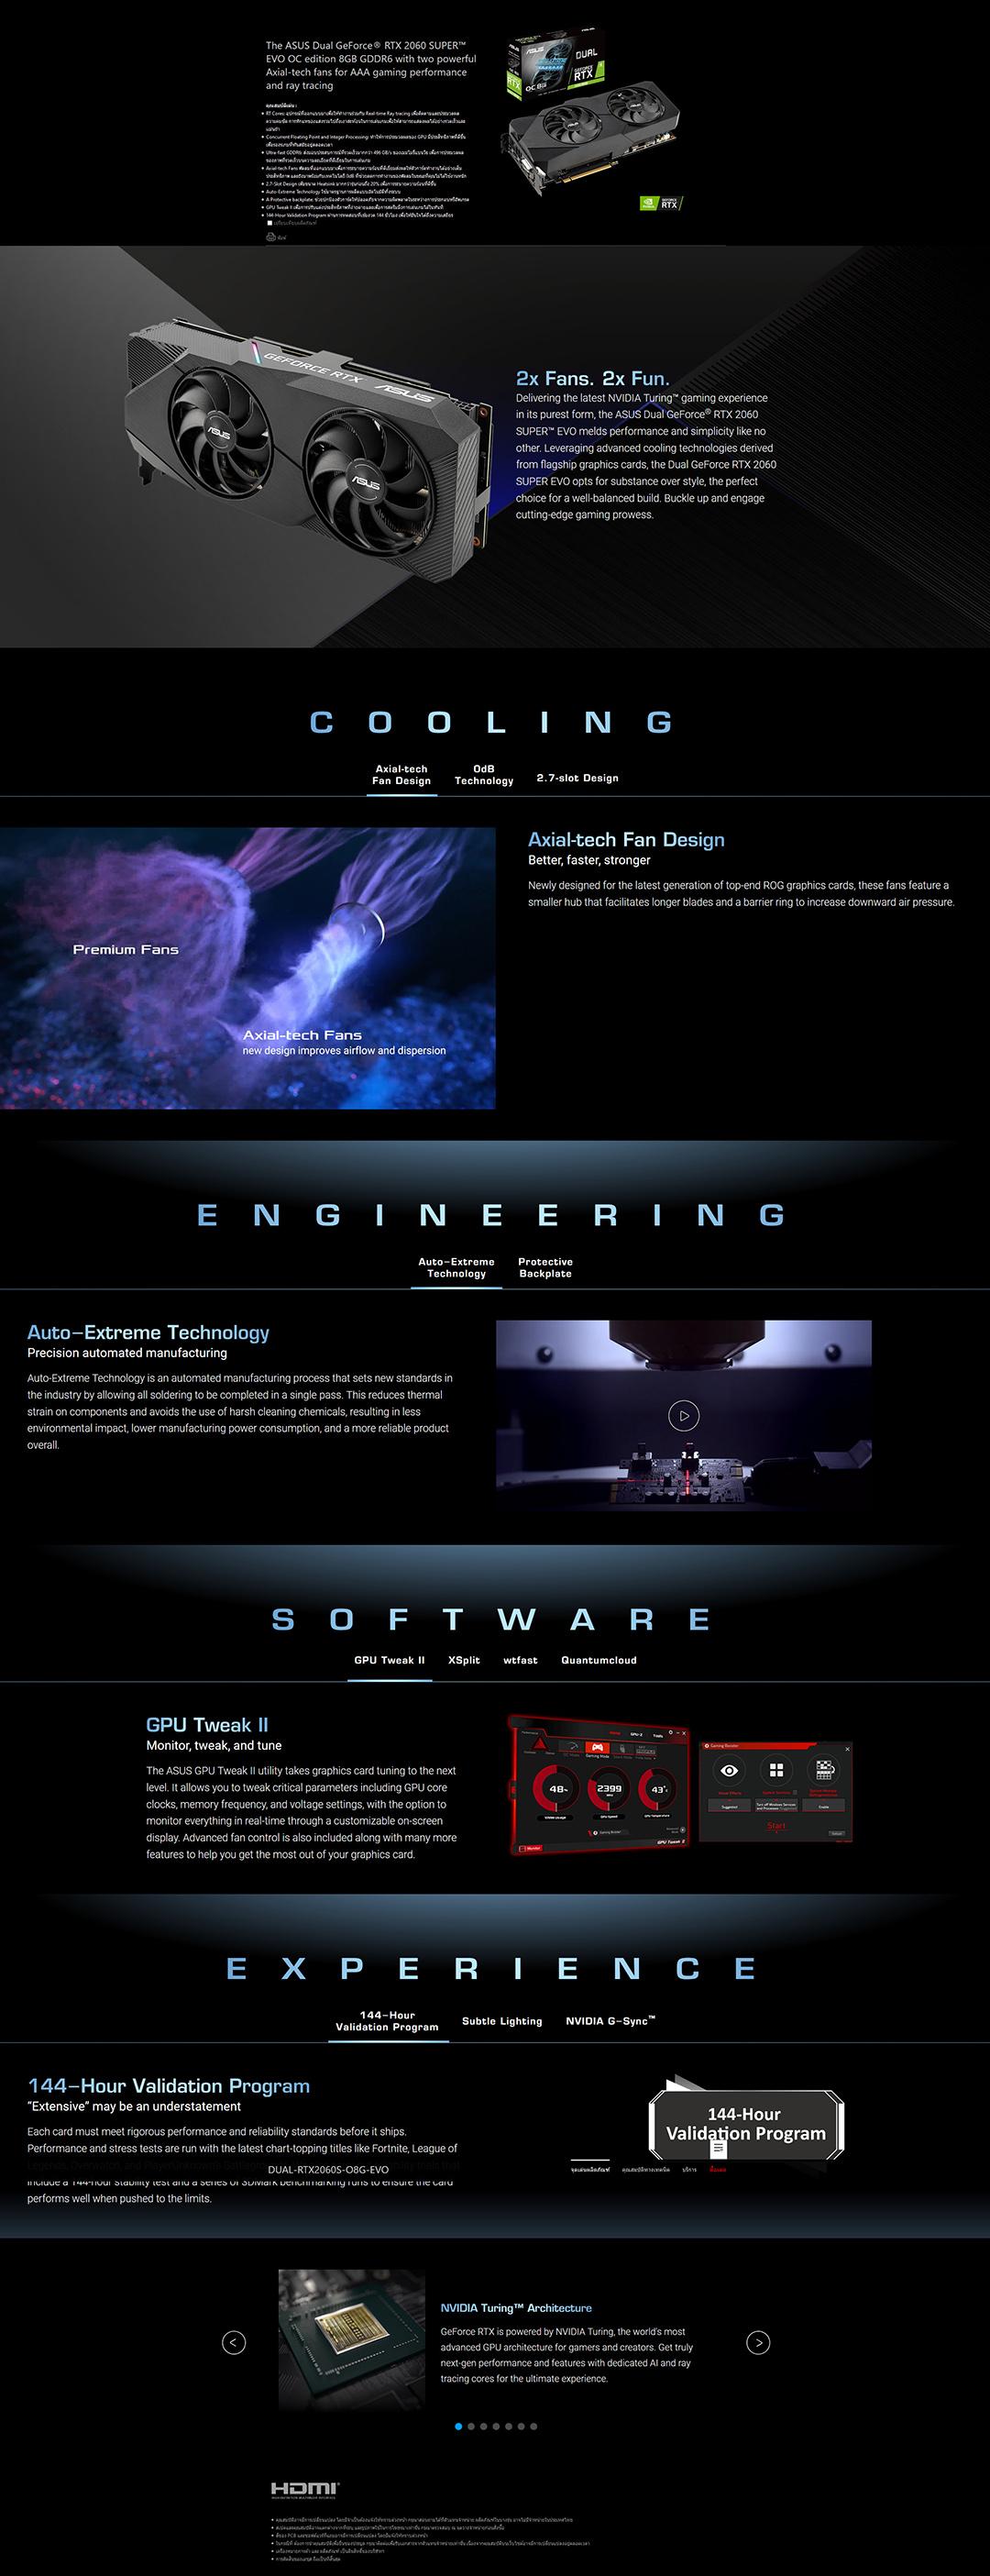 screenshot_2020-01-05-dual-rtx2060s-o8g-evo-e0b881e0b8b2e0b8a3e0b98ce0b894e0b888e0b8ad-asus-e0b89be0b8a3e0b8b0e0b980e0b897e0b8a8e0b984e0b897e0b8a2